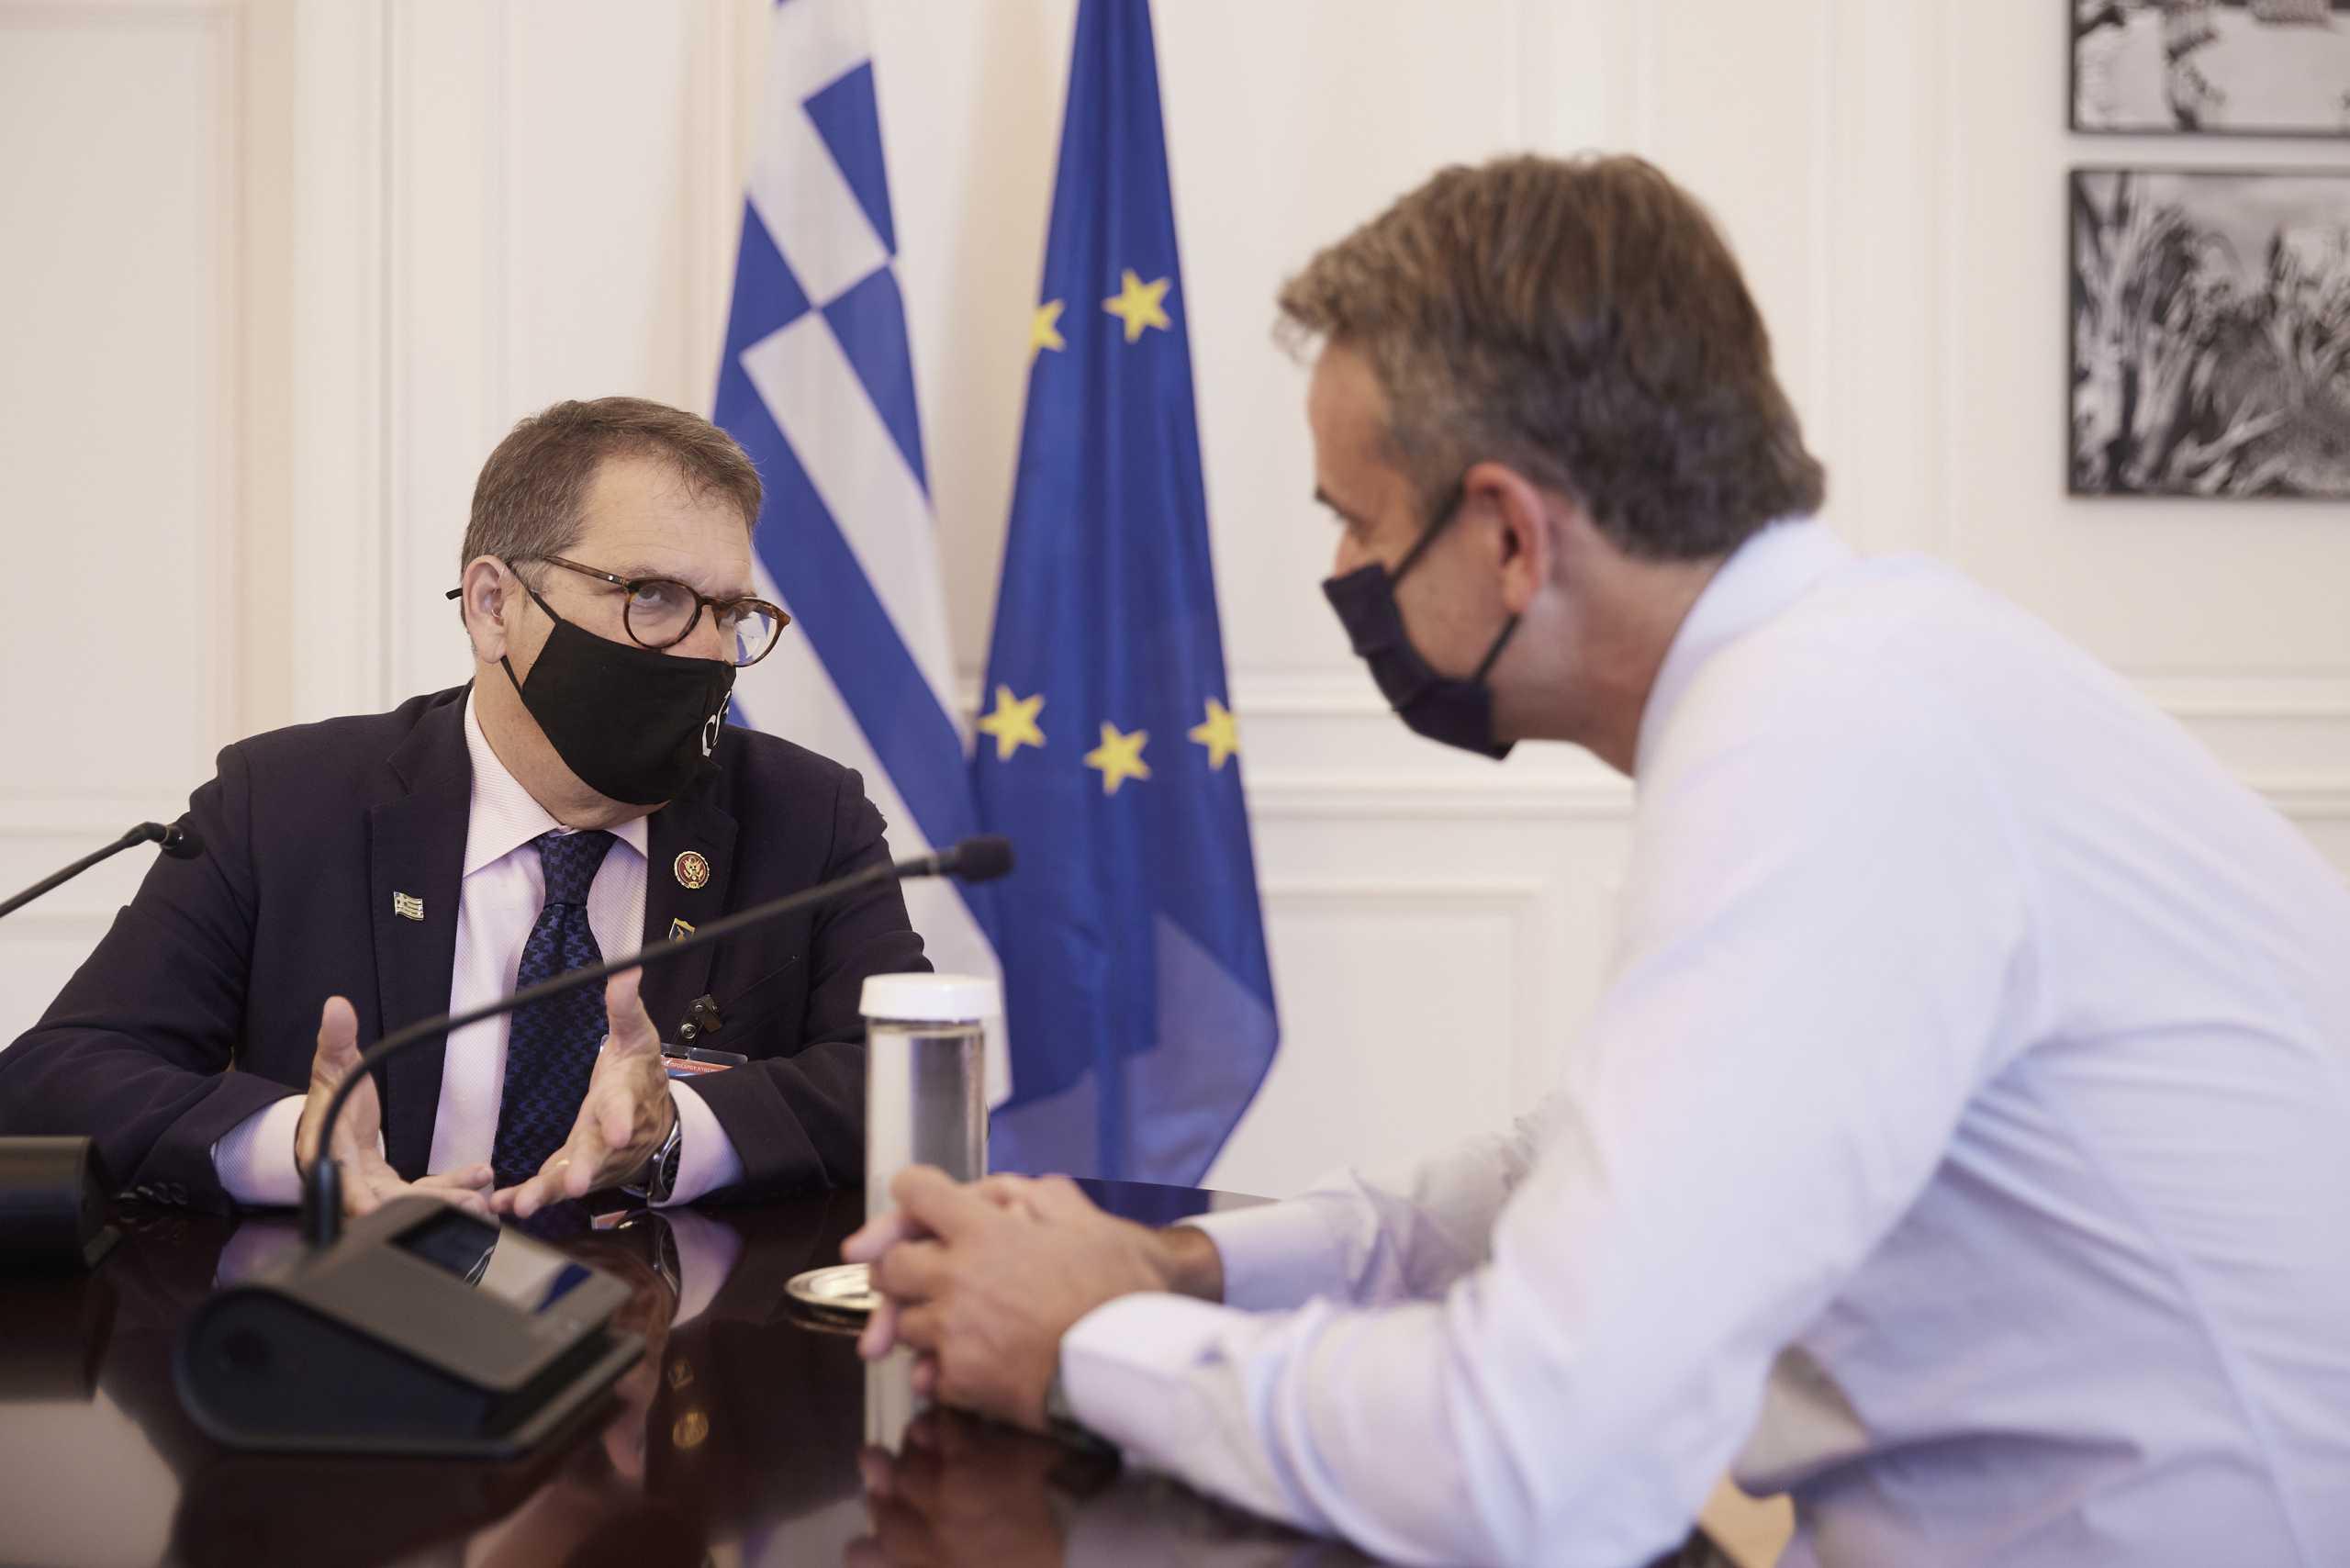 Ο Κυριάκος Μητσοτάκης συνάντησε τον ομογενή Gus Bilirakis, μέλος της Βουλής των Αντιπροσώπων των ΗΠΑ